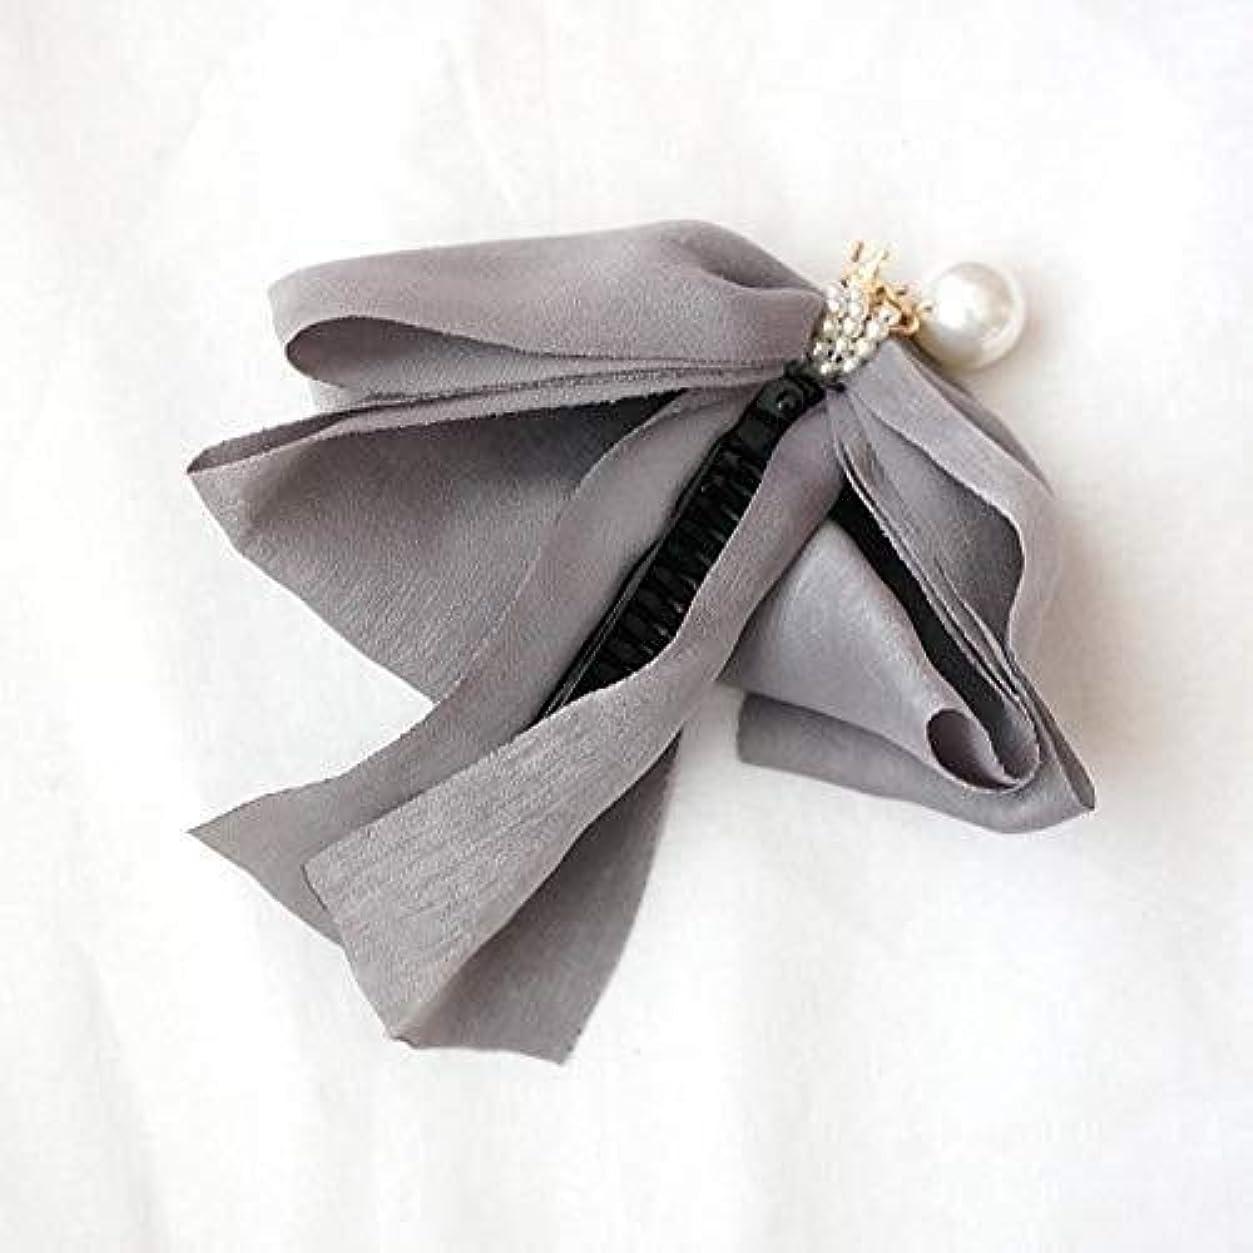 輝度形容詞利得LUOSAI ファッションロゼットヘアピン便利なヘアクリップ女性の結婚式のアクセサリー(グレー)ヘアピン